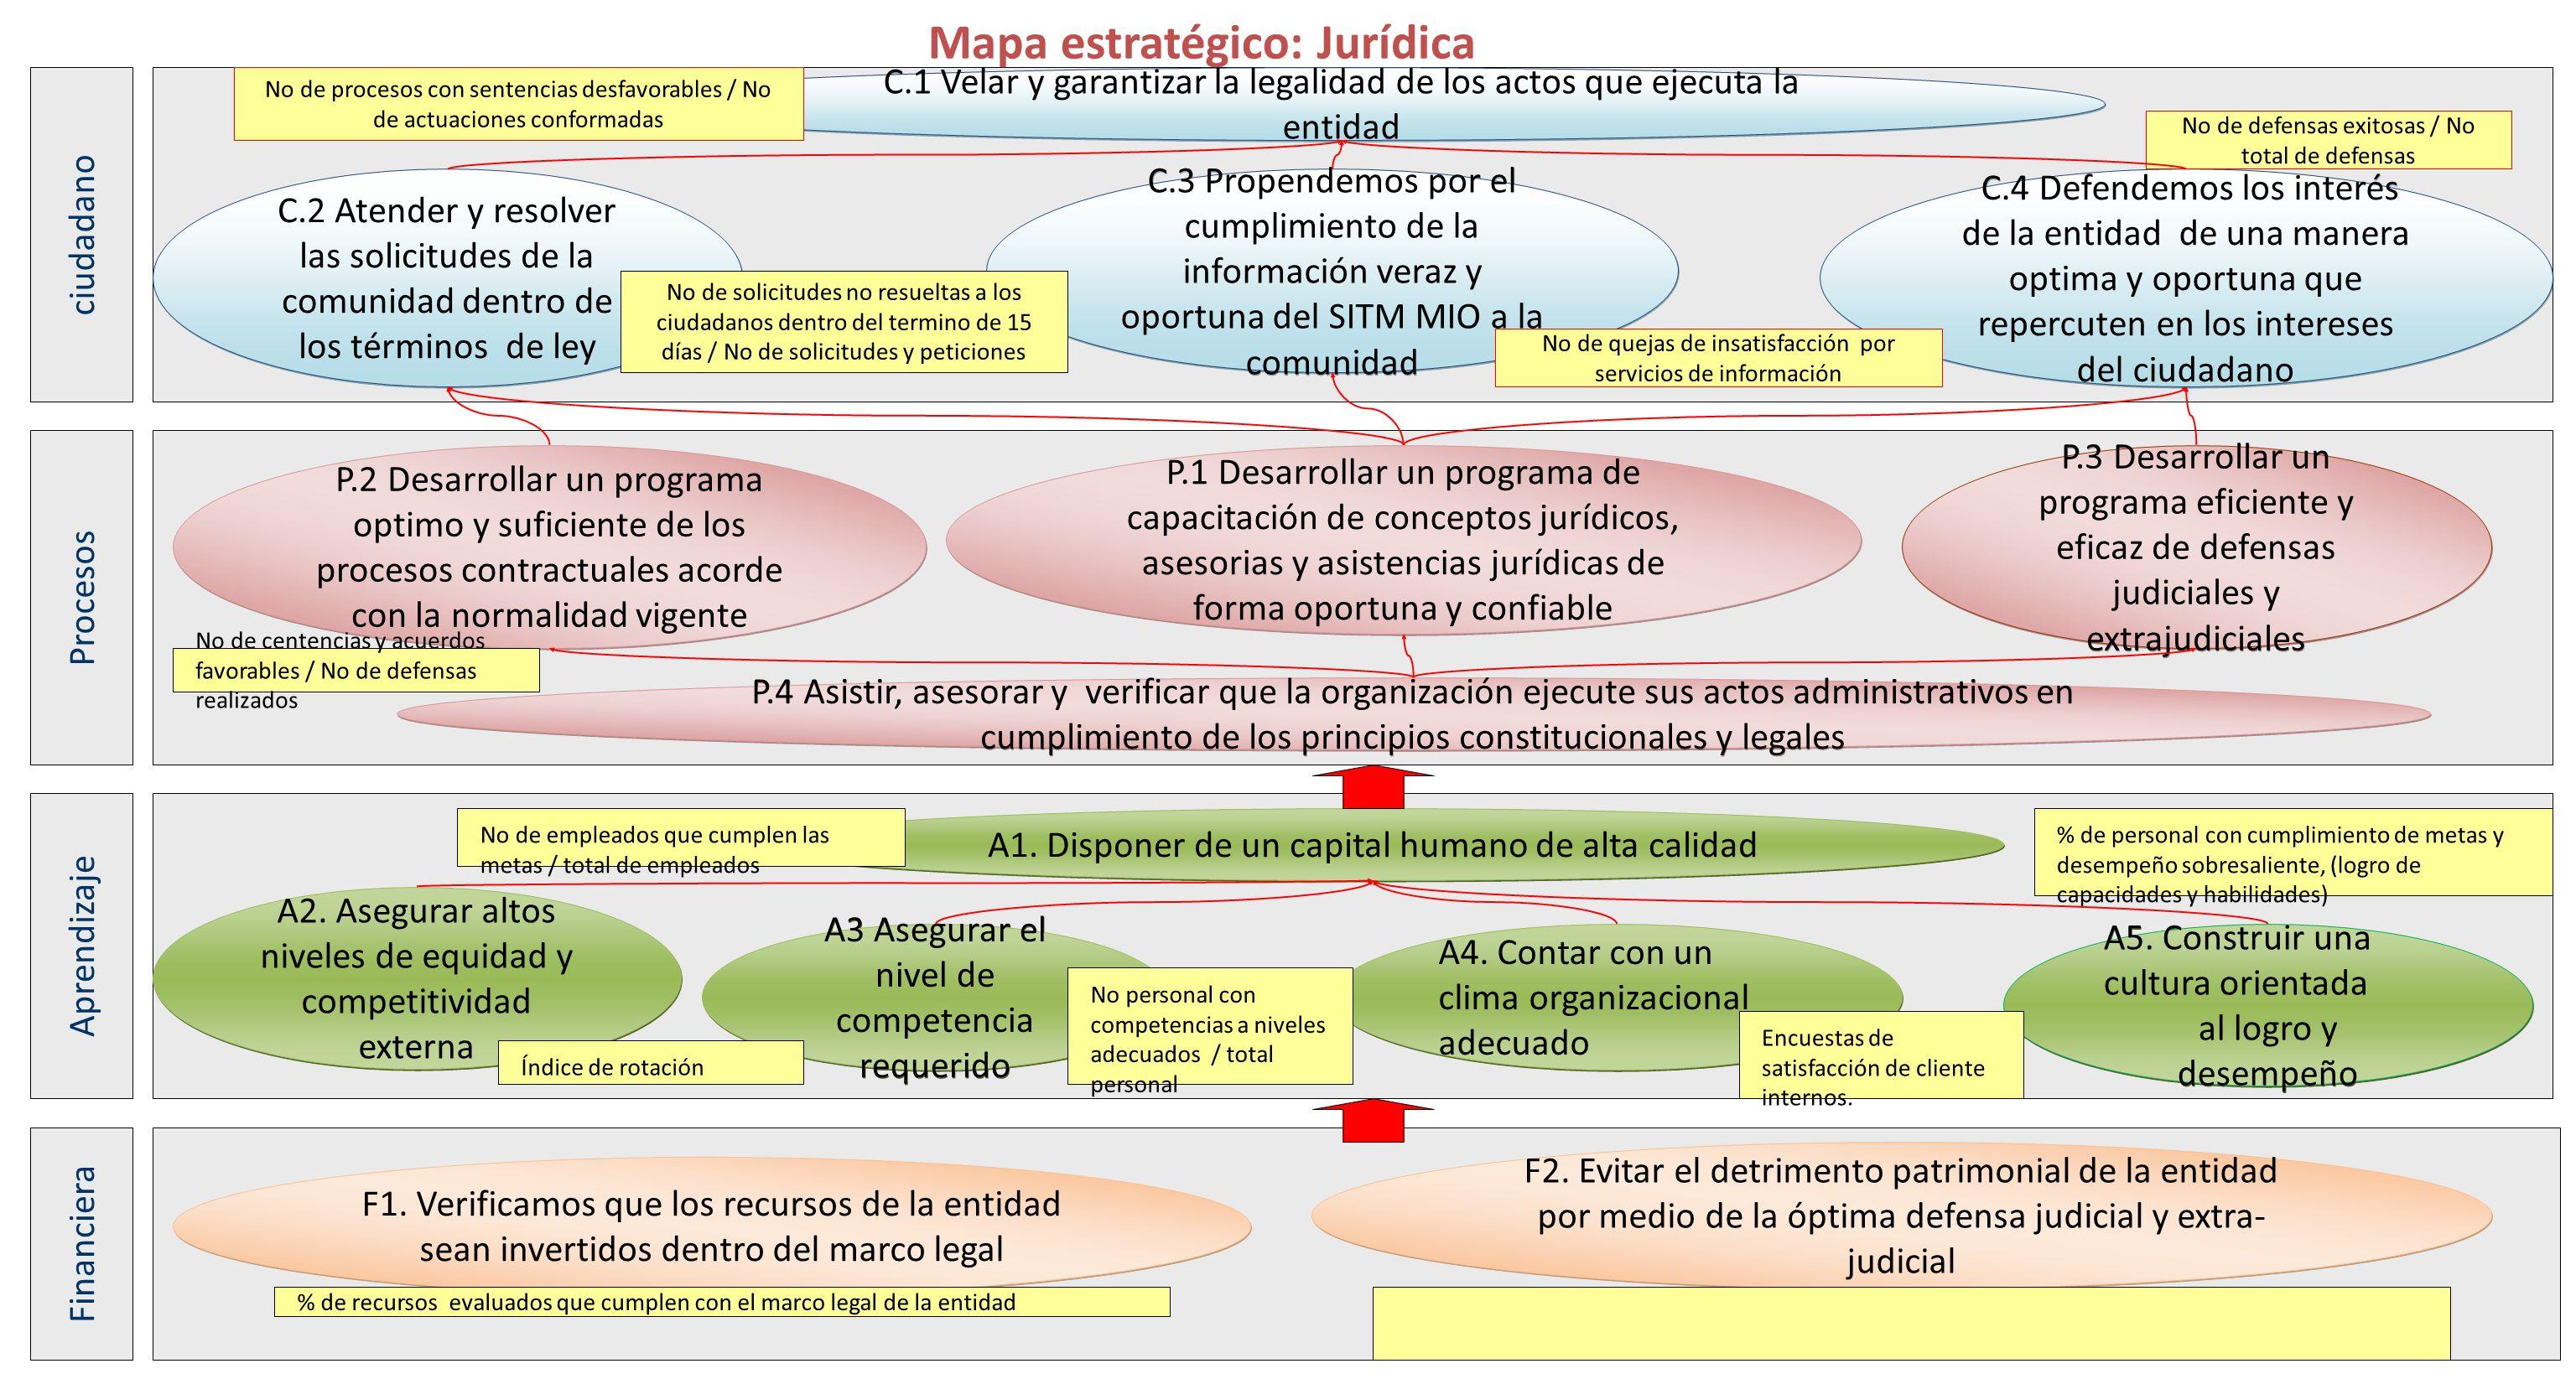 Mapa estratégico: Jurídica P.3 Desarrollar un programa eficiente y eficaz de defensas judiciales y extrajudiciales P.4 Asistir, asesorar y verificar q